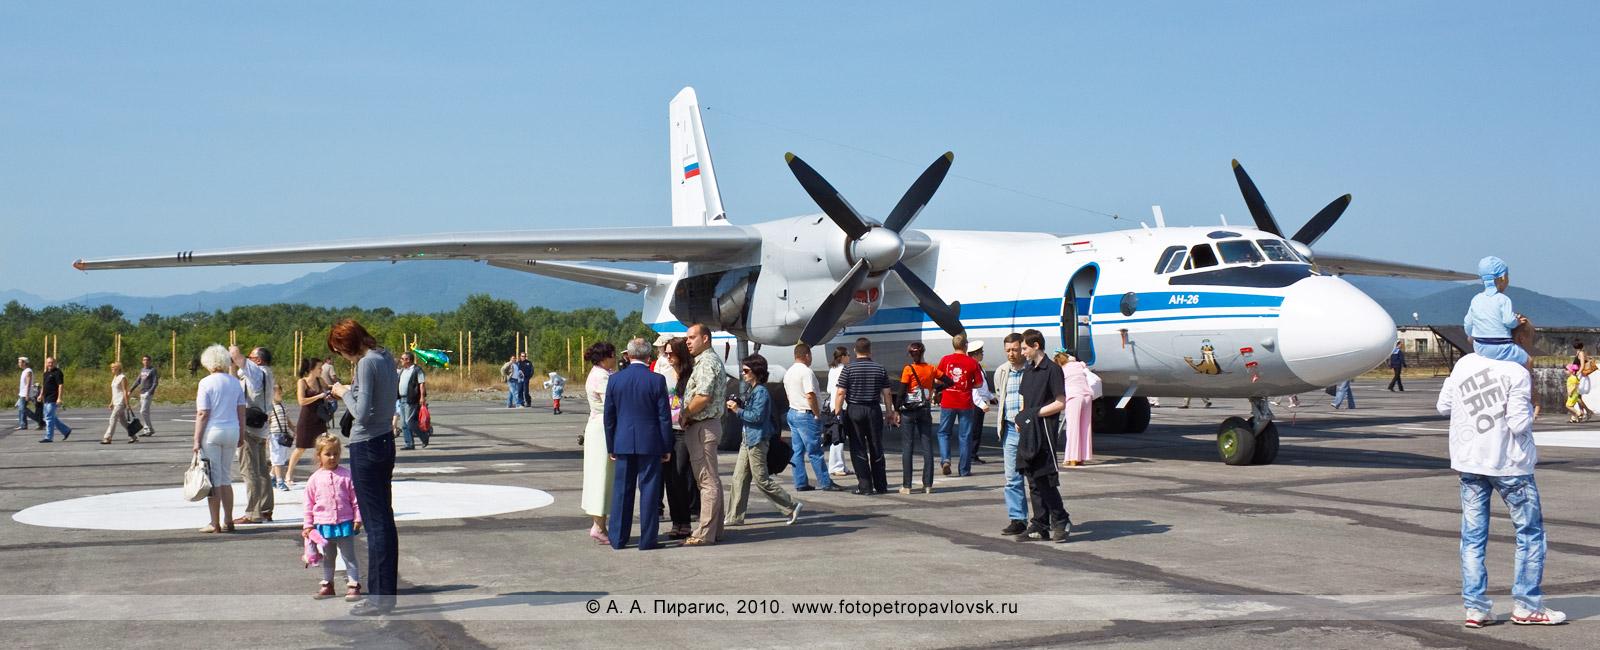 Фотография: Камчатка — День Воздушного флота Российской Федерации: транспортный самолет АН-26 на выставке авиационной техники (военный аэродром в Елизово)